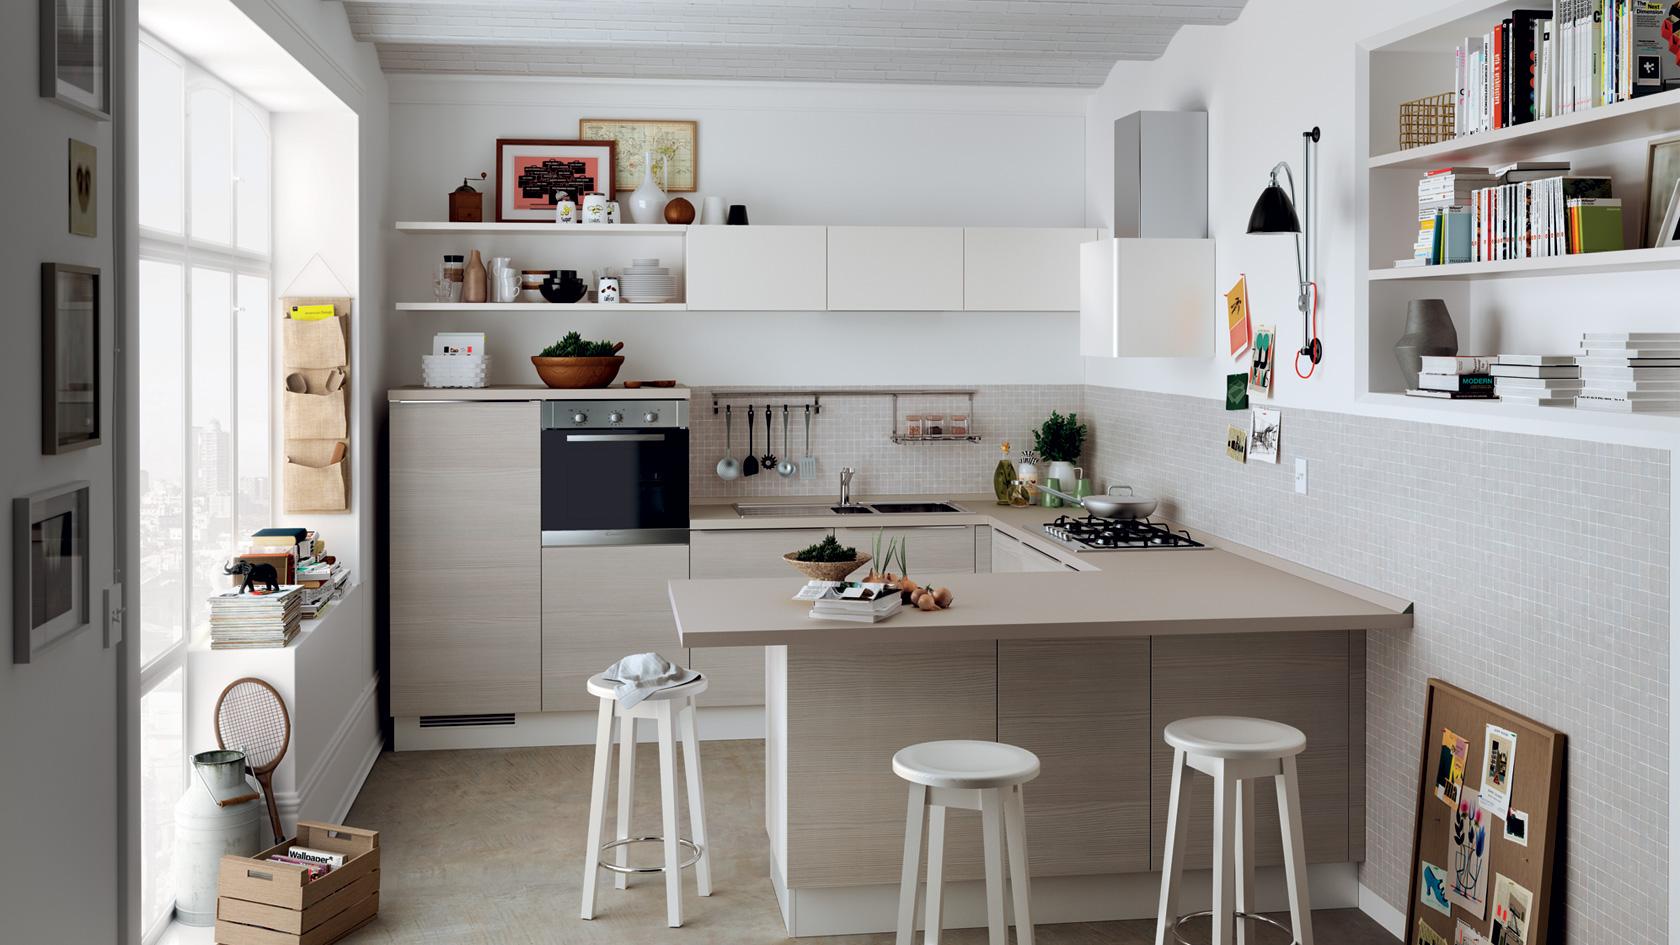 Ambienti Ikea Cucina vendita cucina urban scavolini da arredi e interni